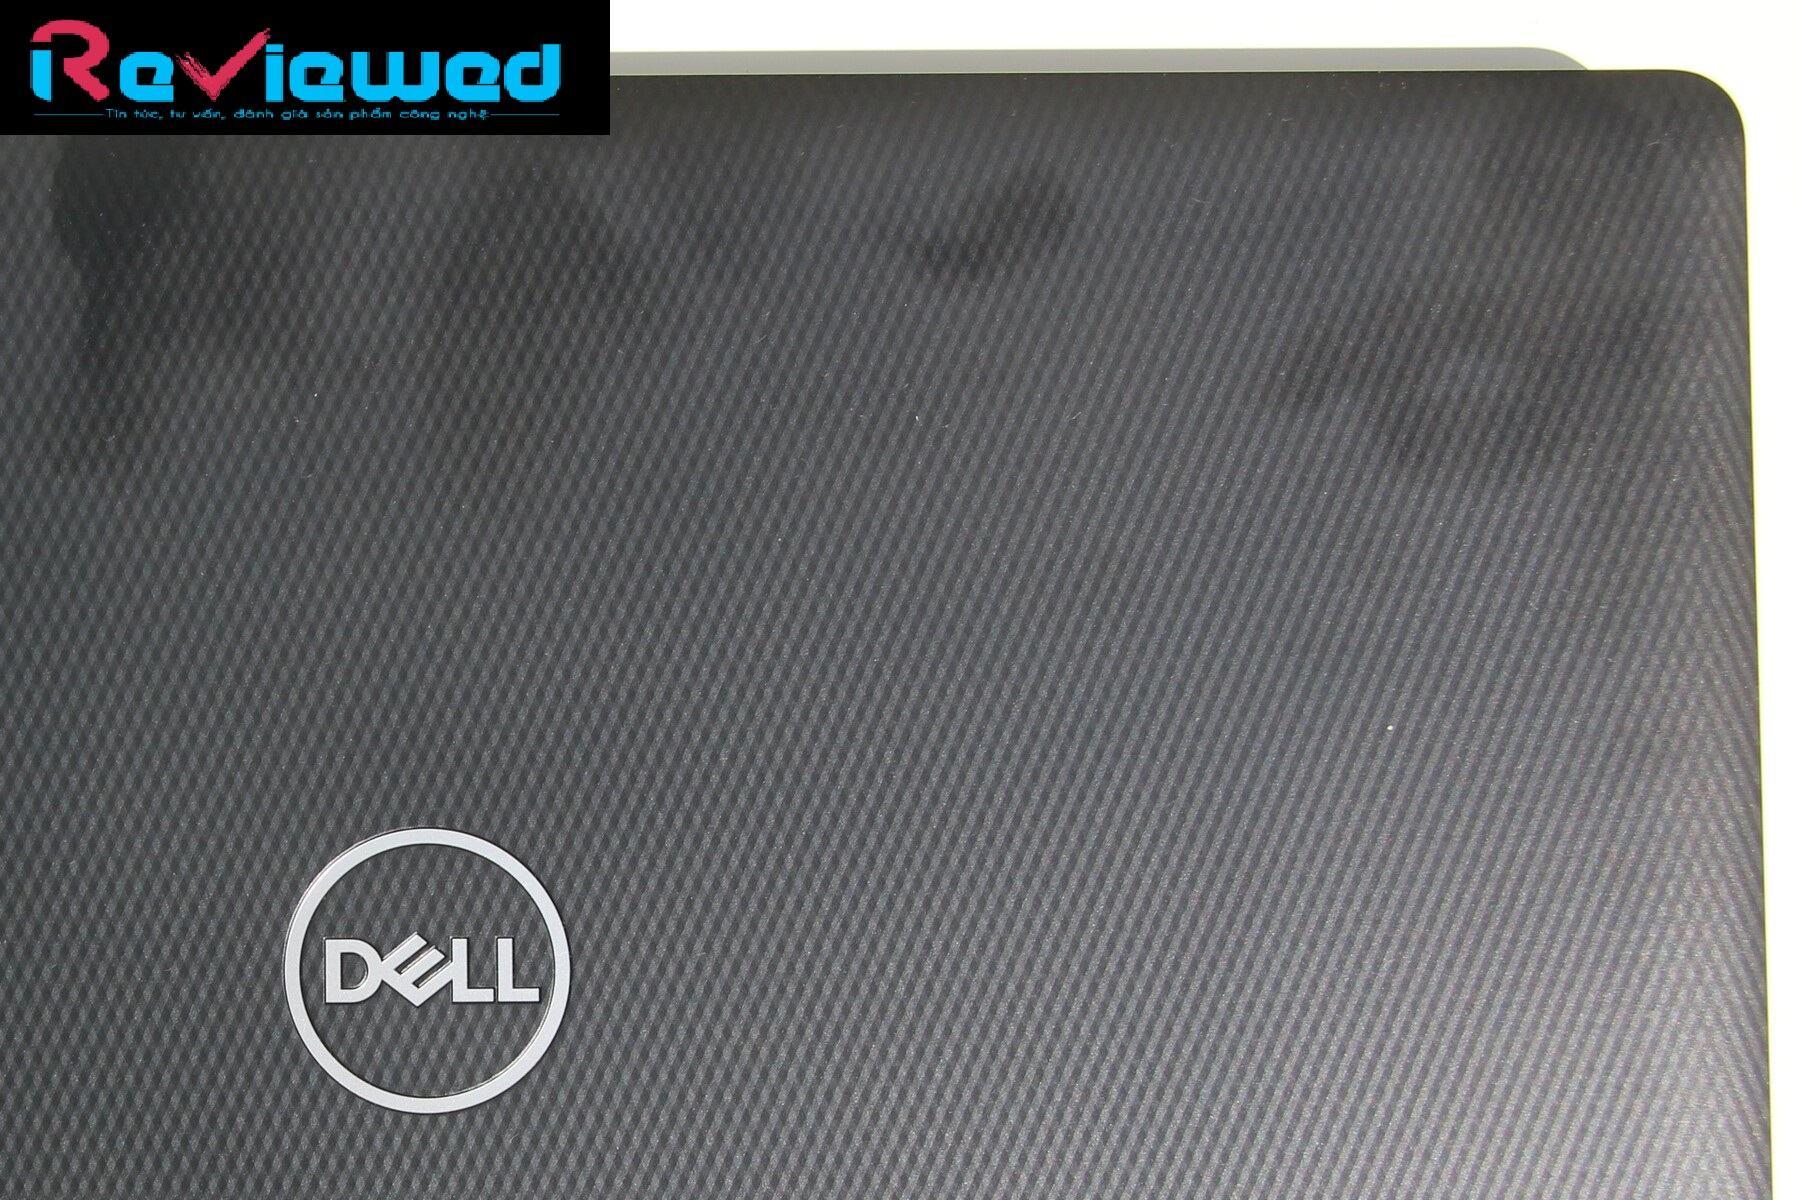 Dell Inspiron 15 3585